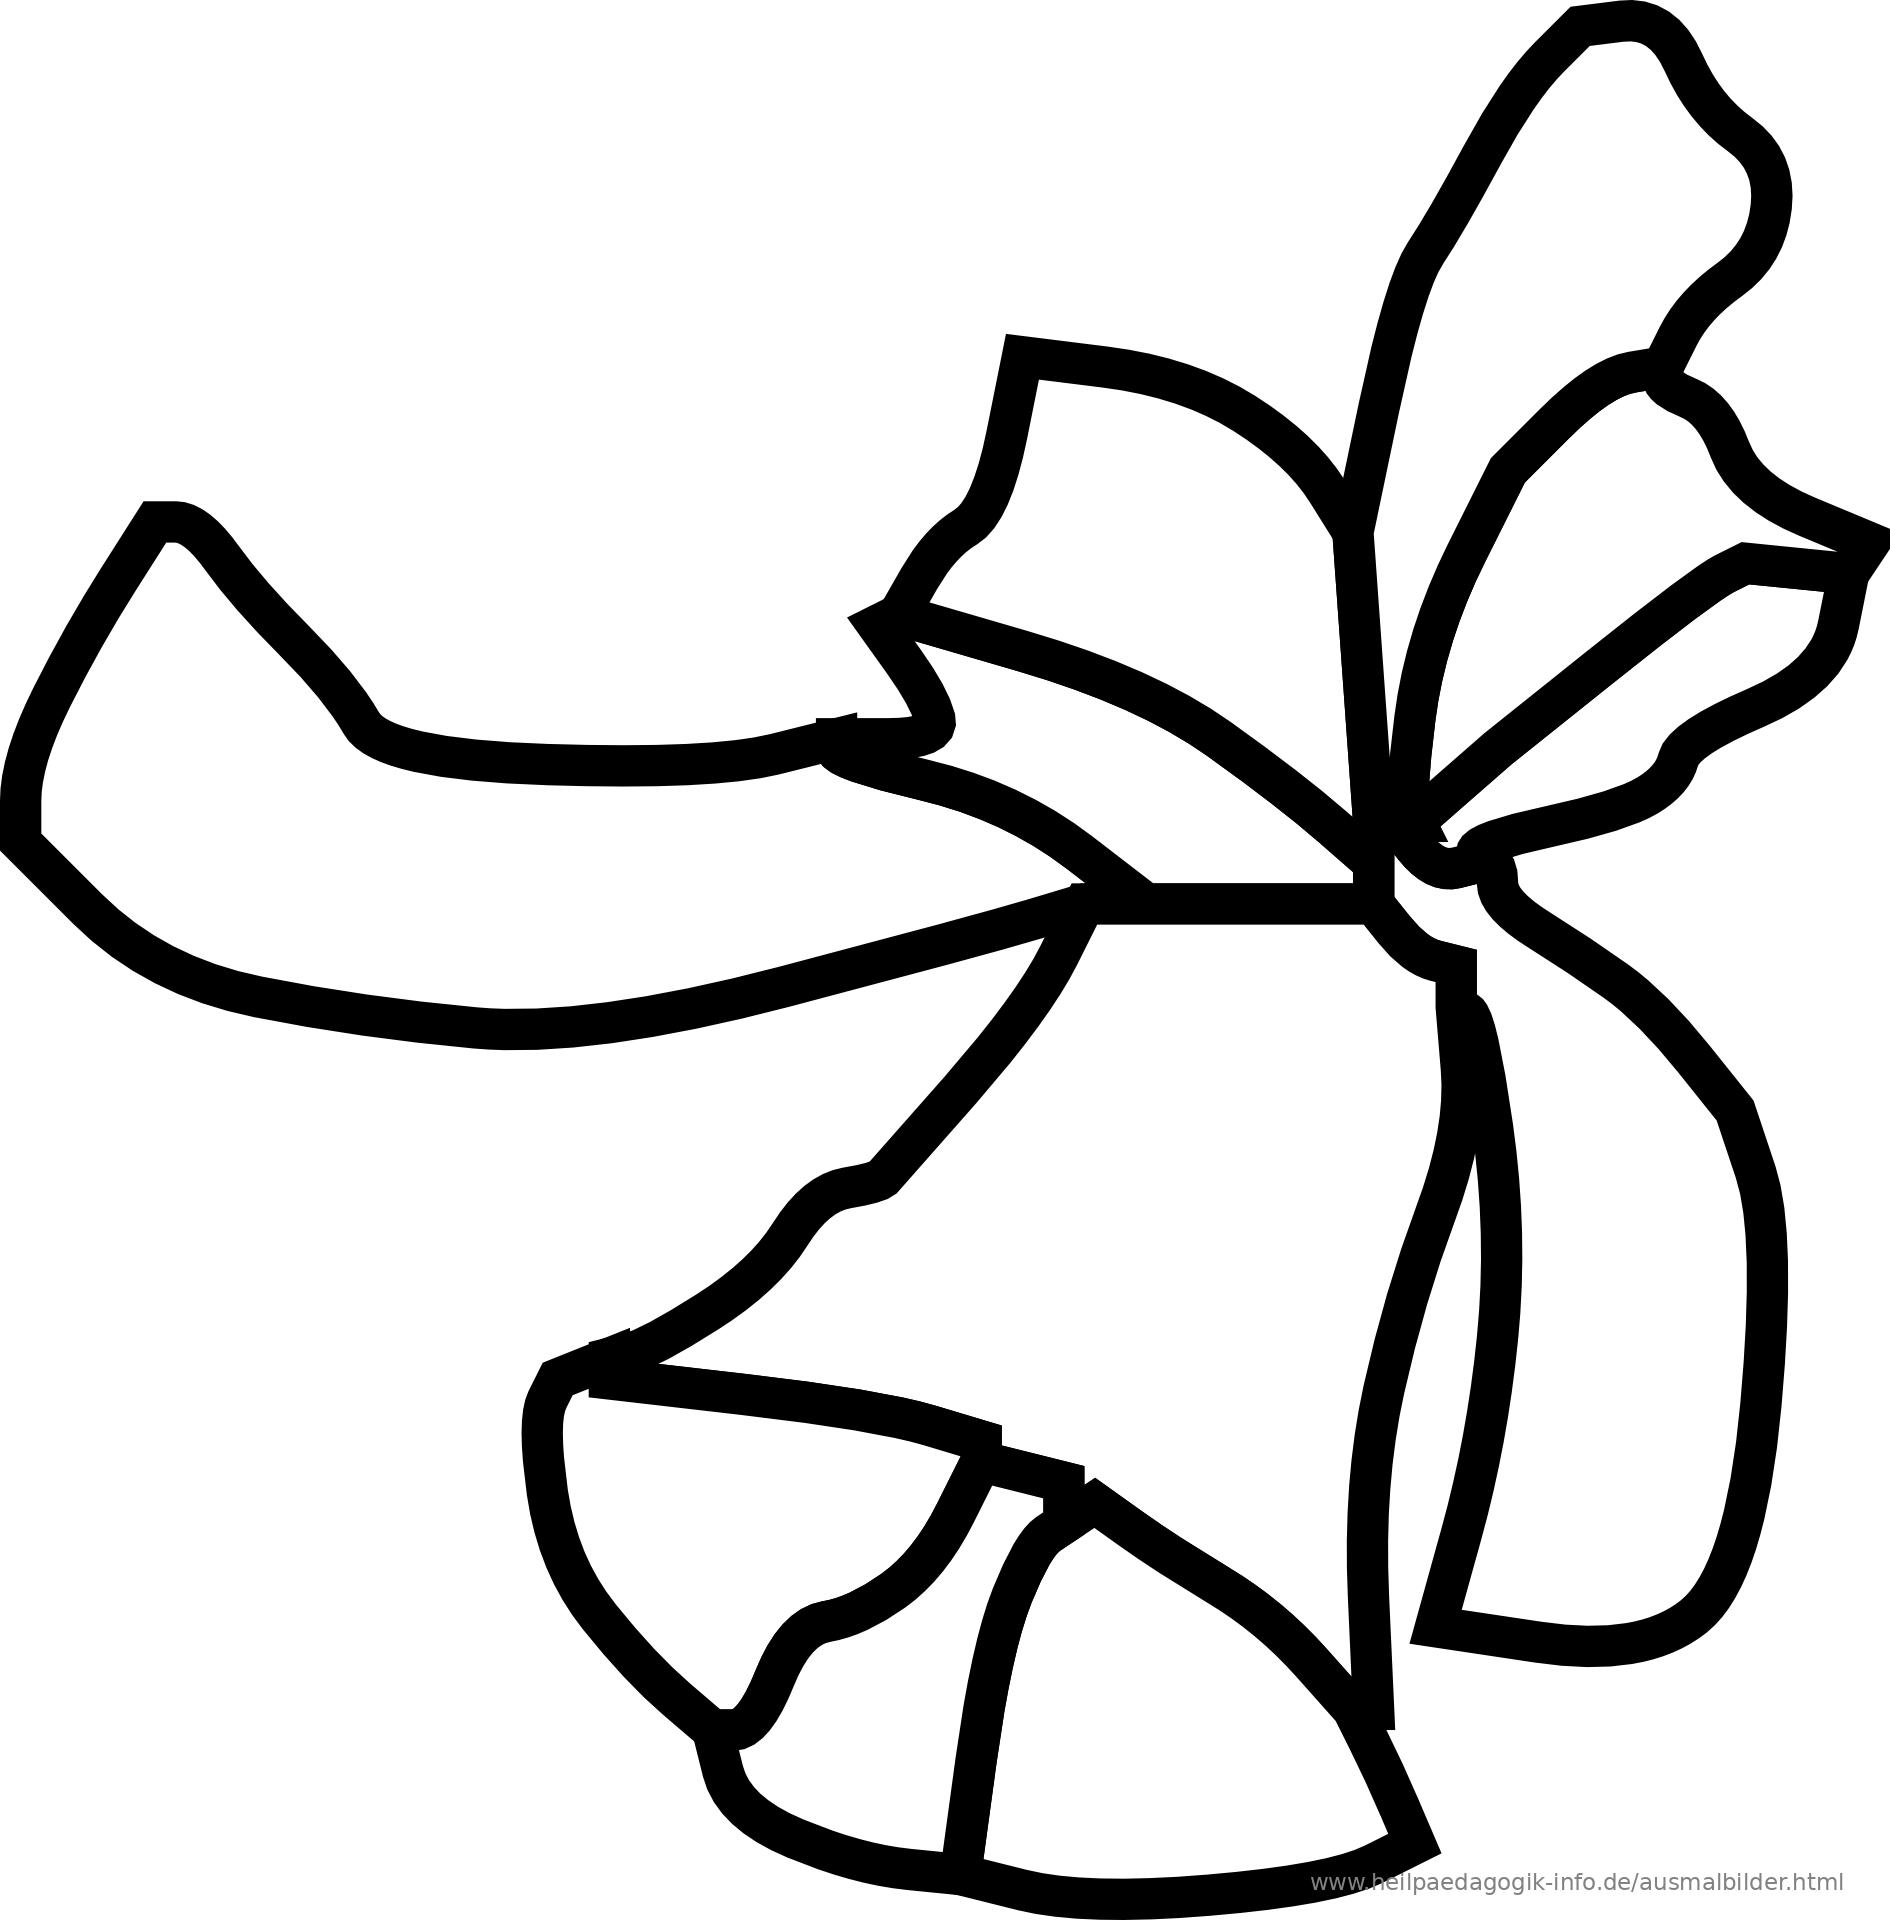 Malvorlage Glocke Weihnachten - Zeichnen und Färben